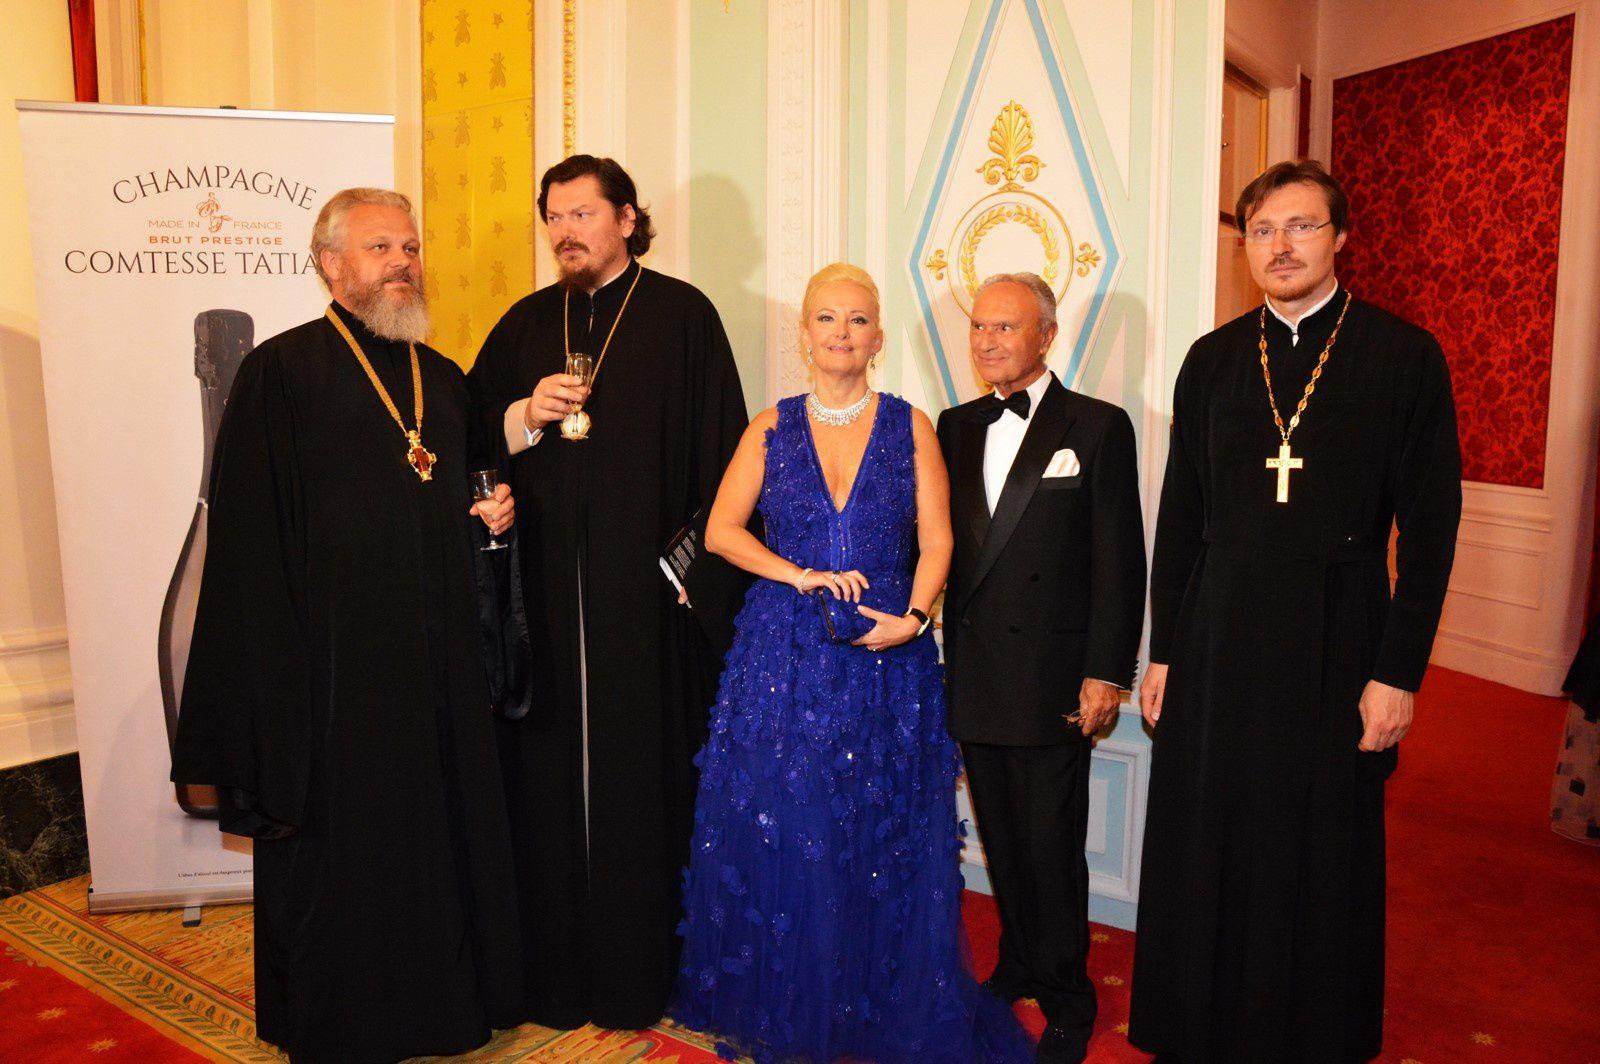 Monseigneur Nestor, Evêque de Chersonèse, avec la marquise Roberta Gilardi et son epoux Dr. Sestito